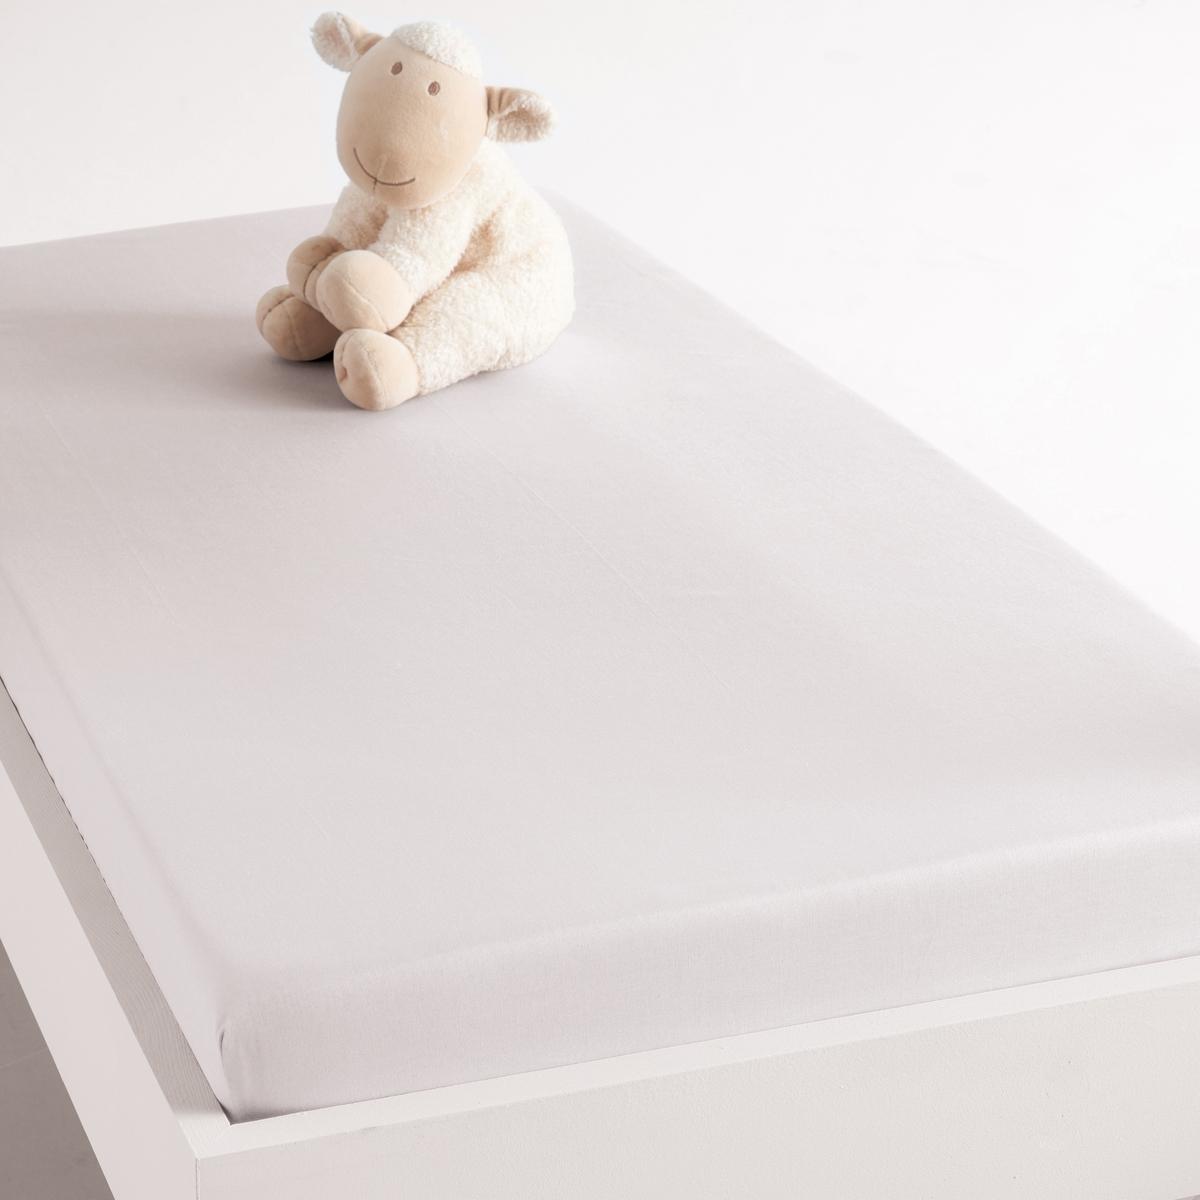 Натяжная простыня из хлопка для детской кровати